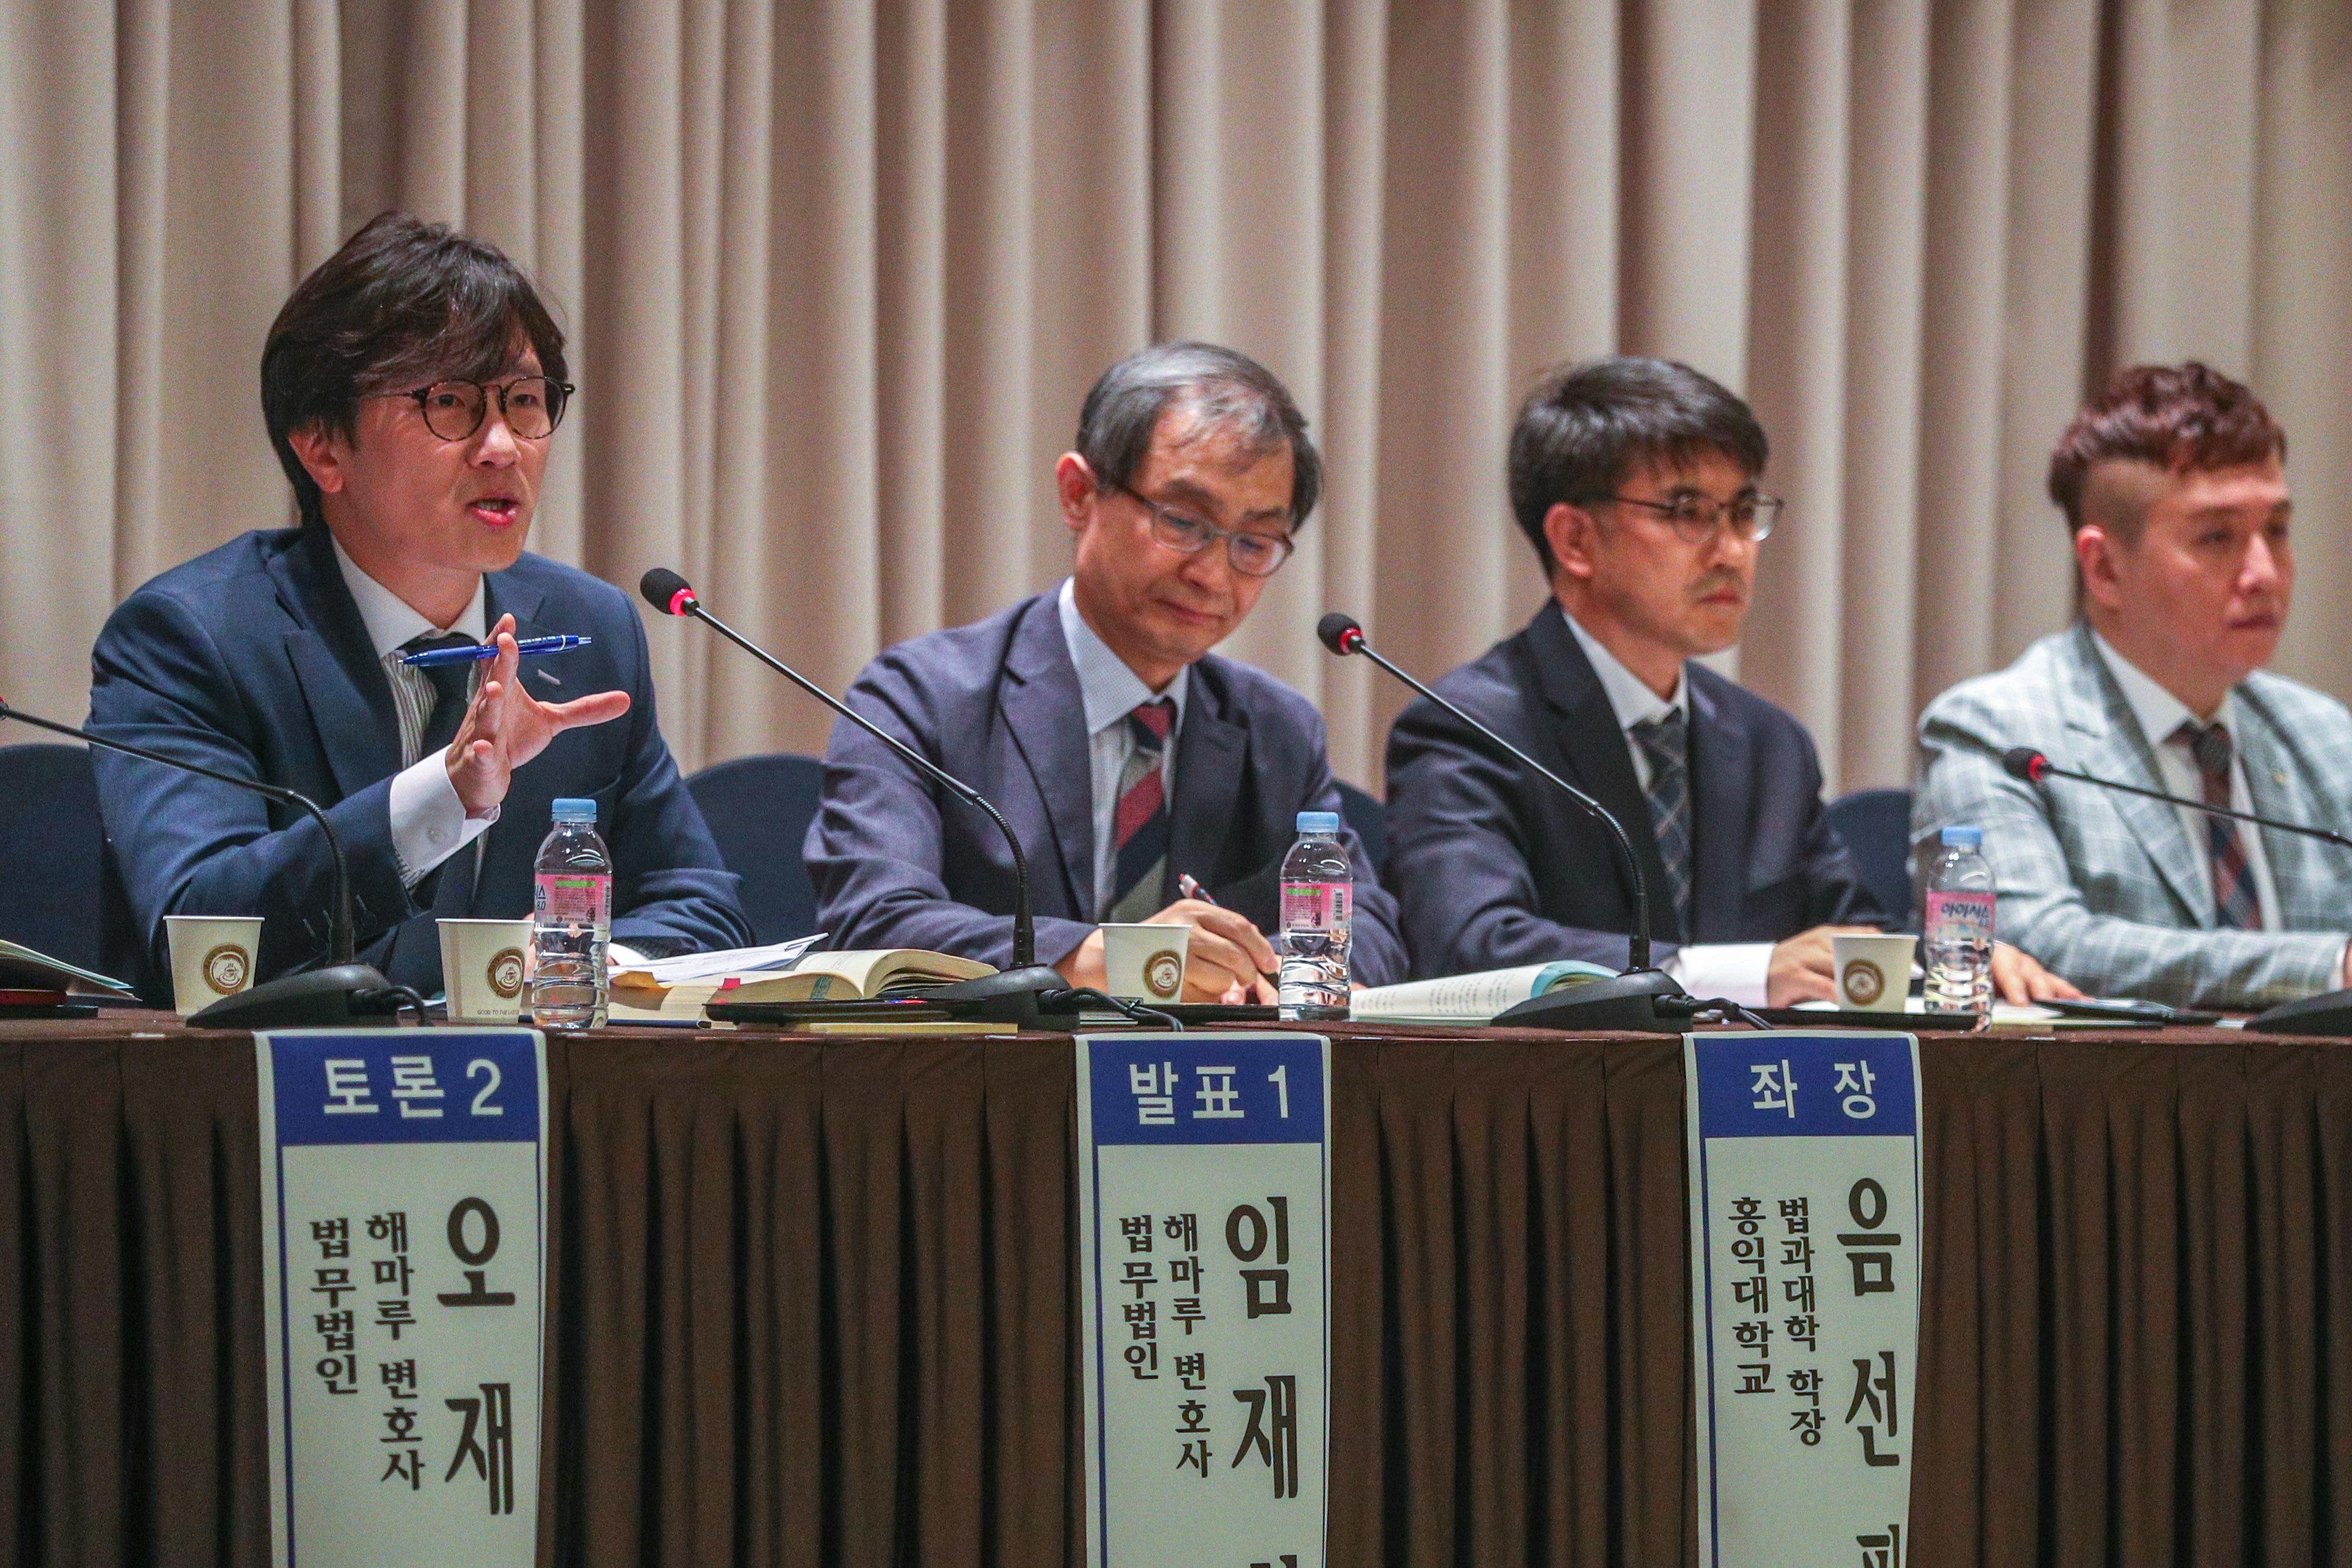 4일 오후 서울 용산구 국방컨벤션에 '종교 또는 개인적 신념 등 양심에 따른 병역거부자 대체복무제 도입방안 공청회'가 진행됐다.